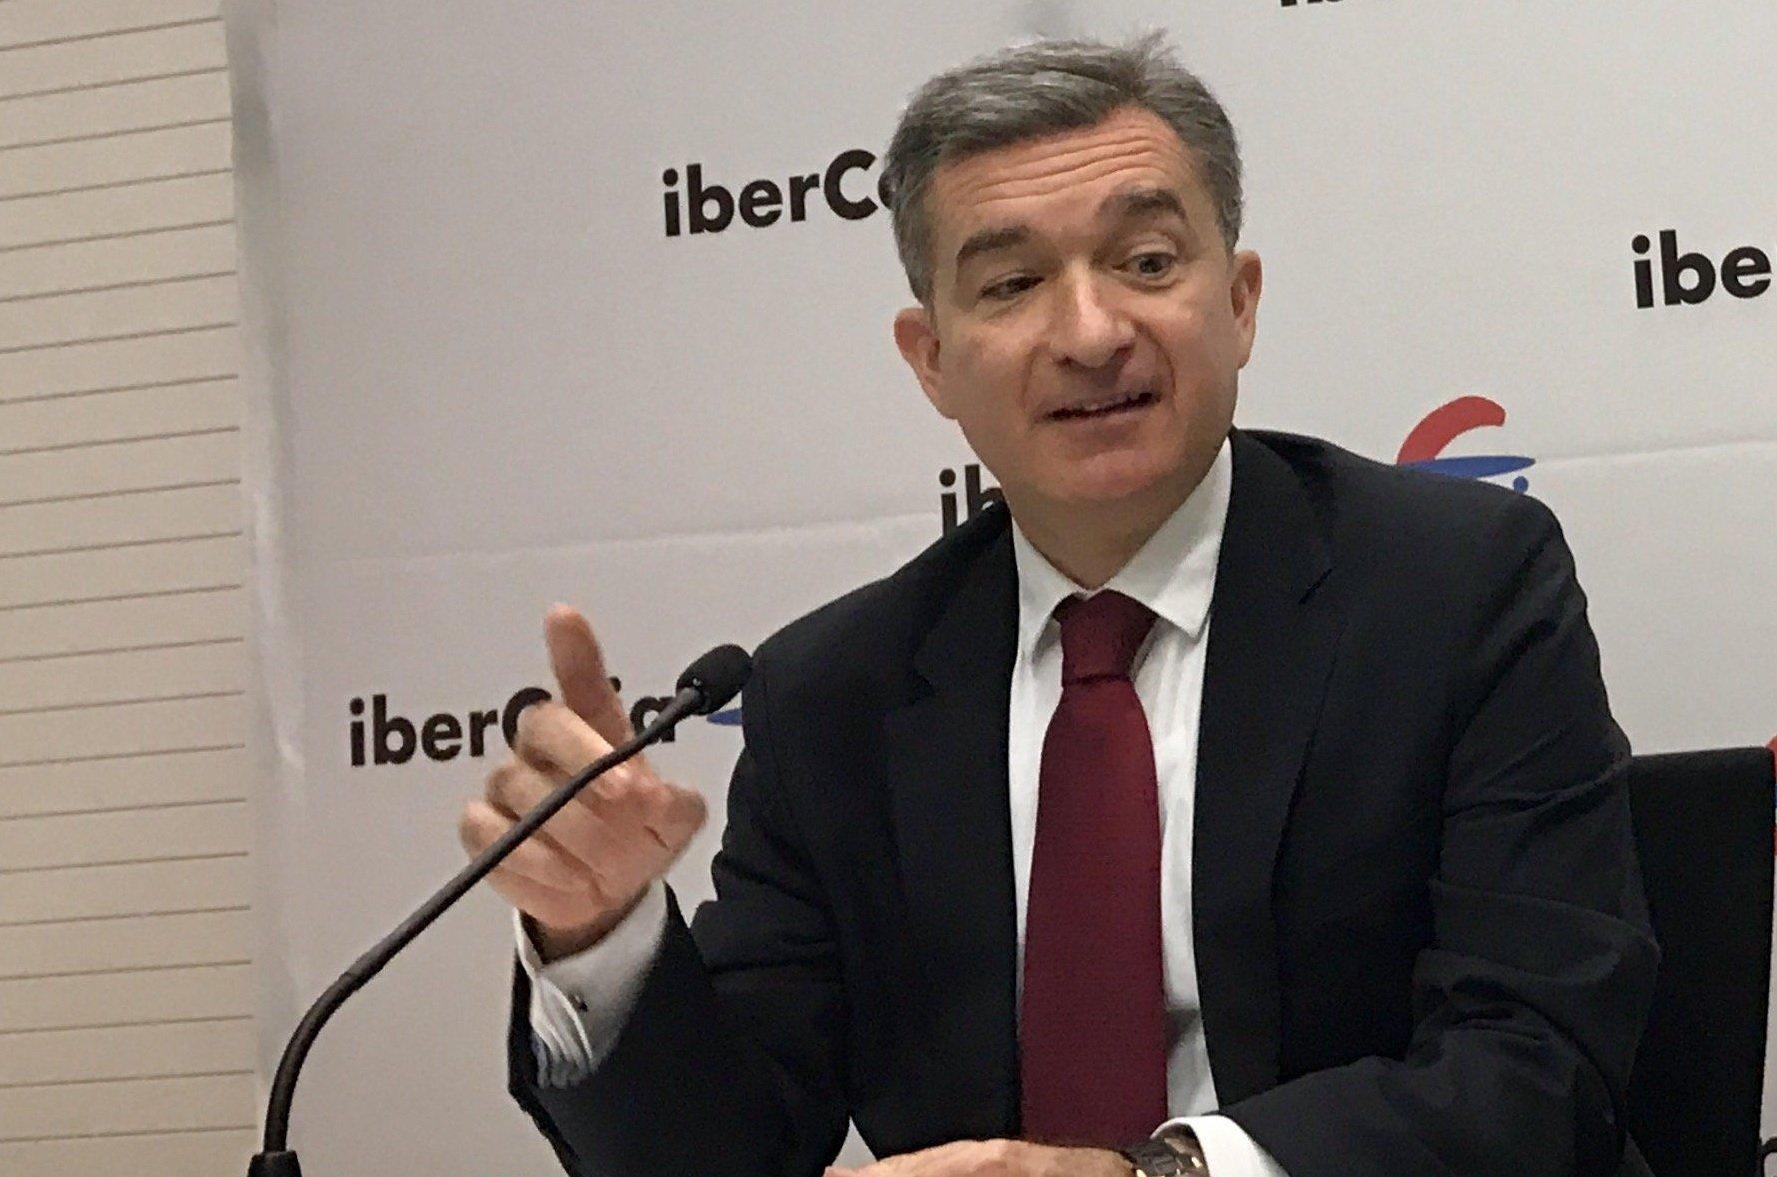 Víctor Iglesias, CEO de Ibercaja, ha convertido el banco en uno de los principales captadores de fondos de España